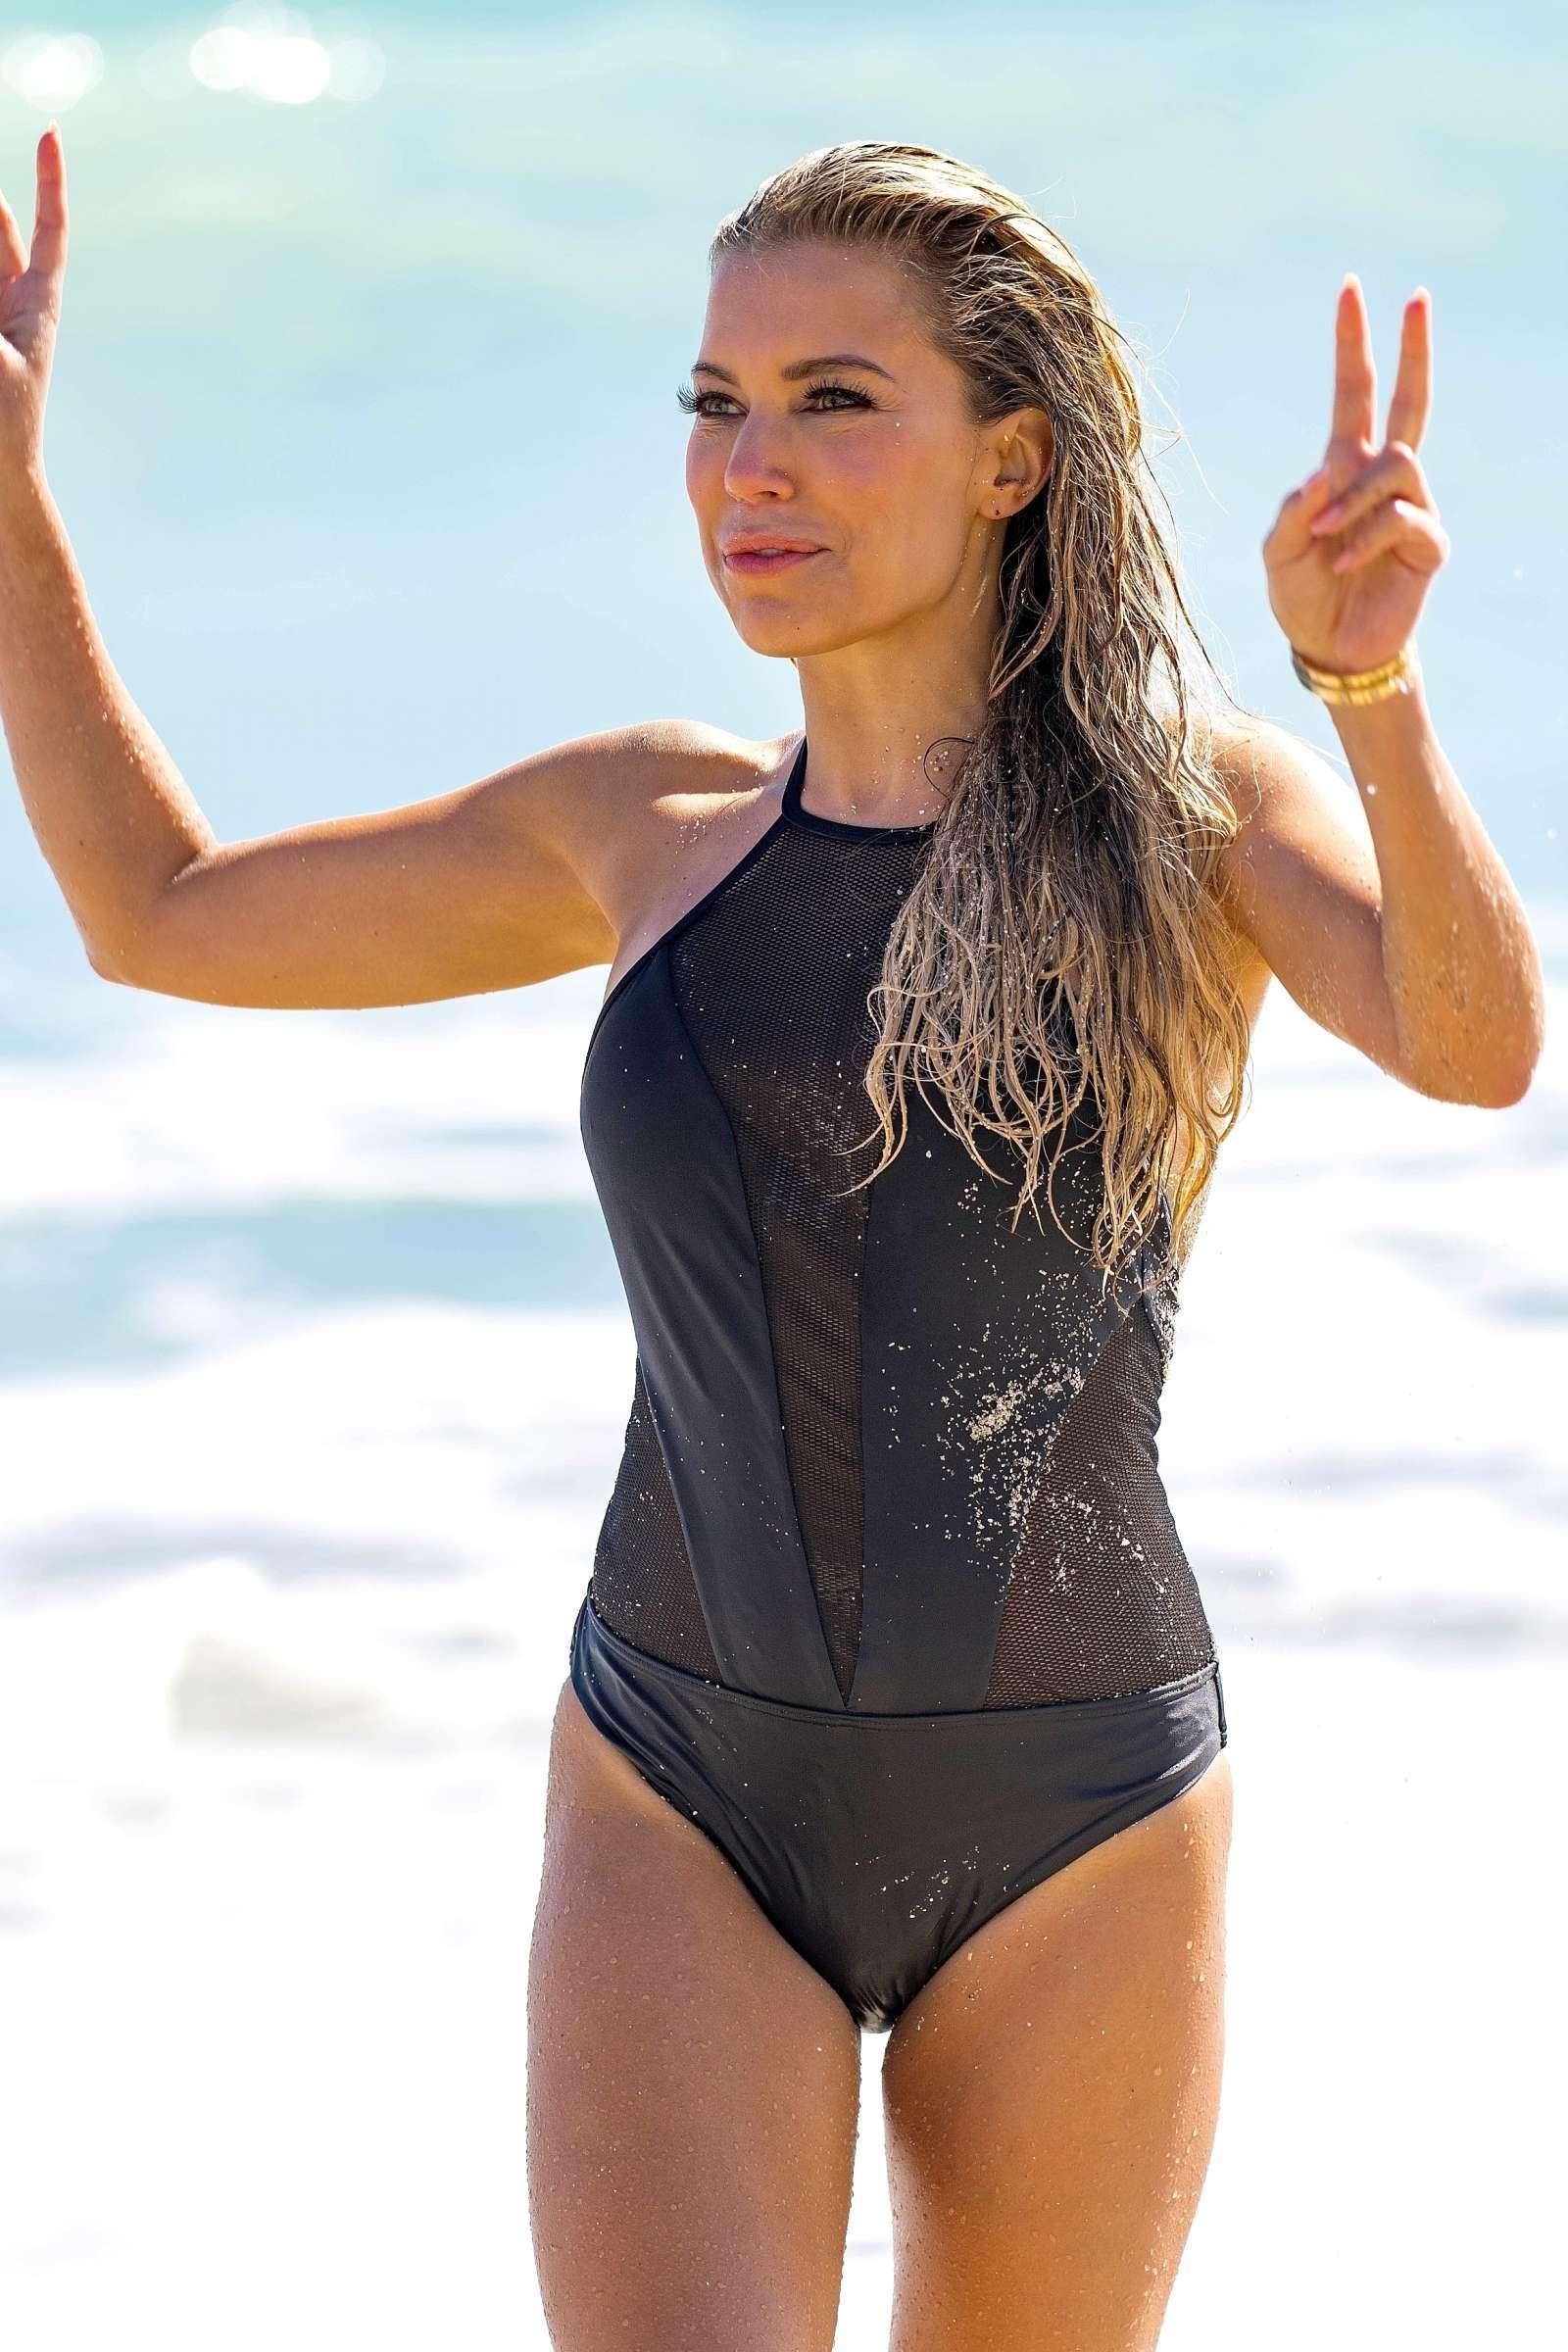 Sylvie Meis - Sylvie Designs Bikini Collection Photoshoot on Miami Beach